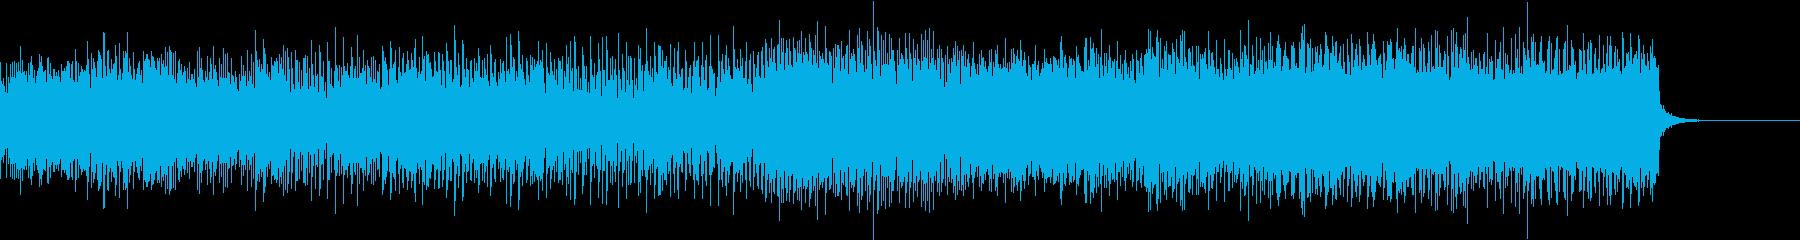 エンジンが稼働し続けるイメージのEDMの再生済みの波形